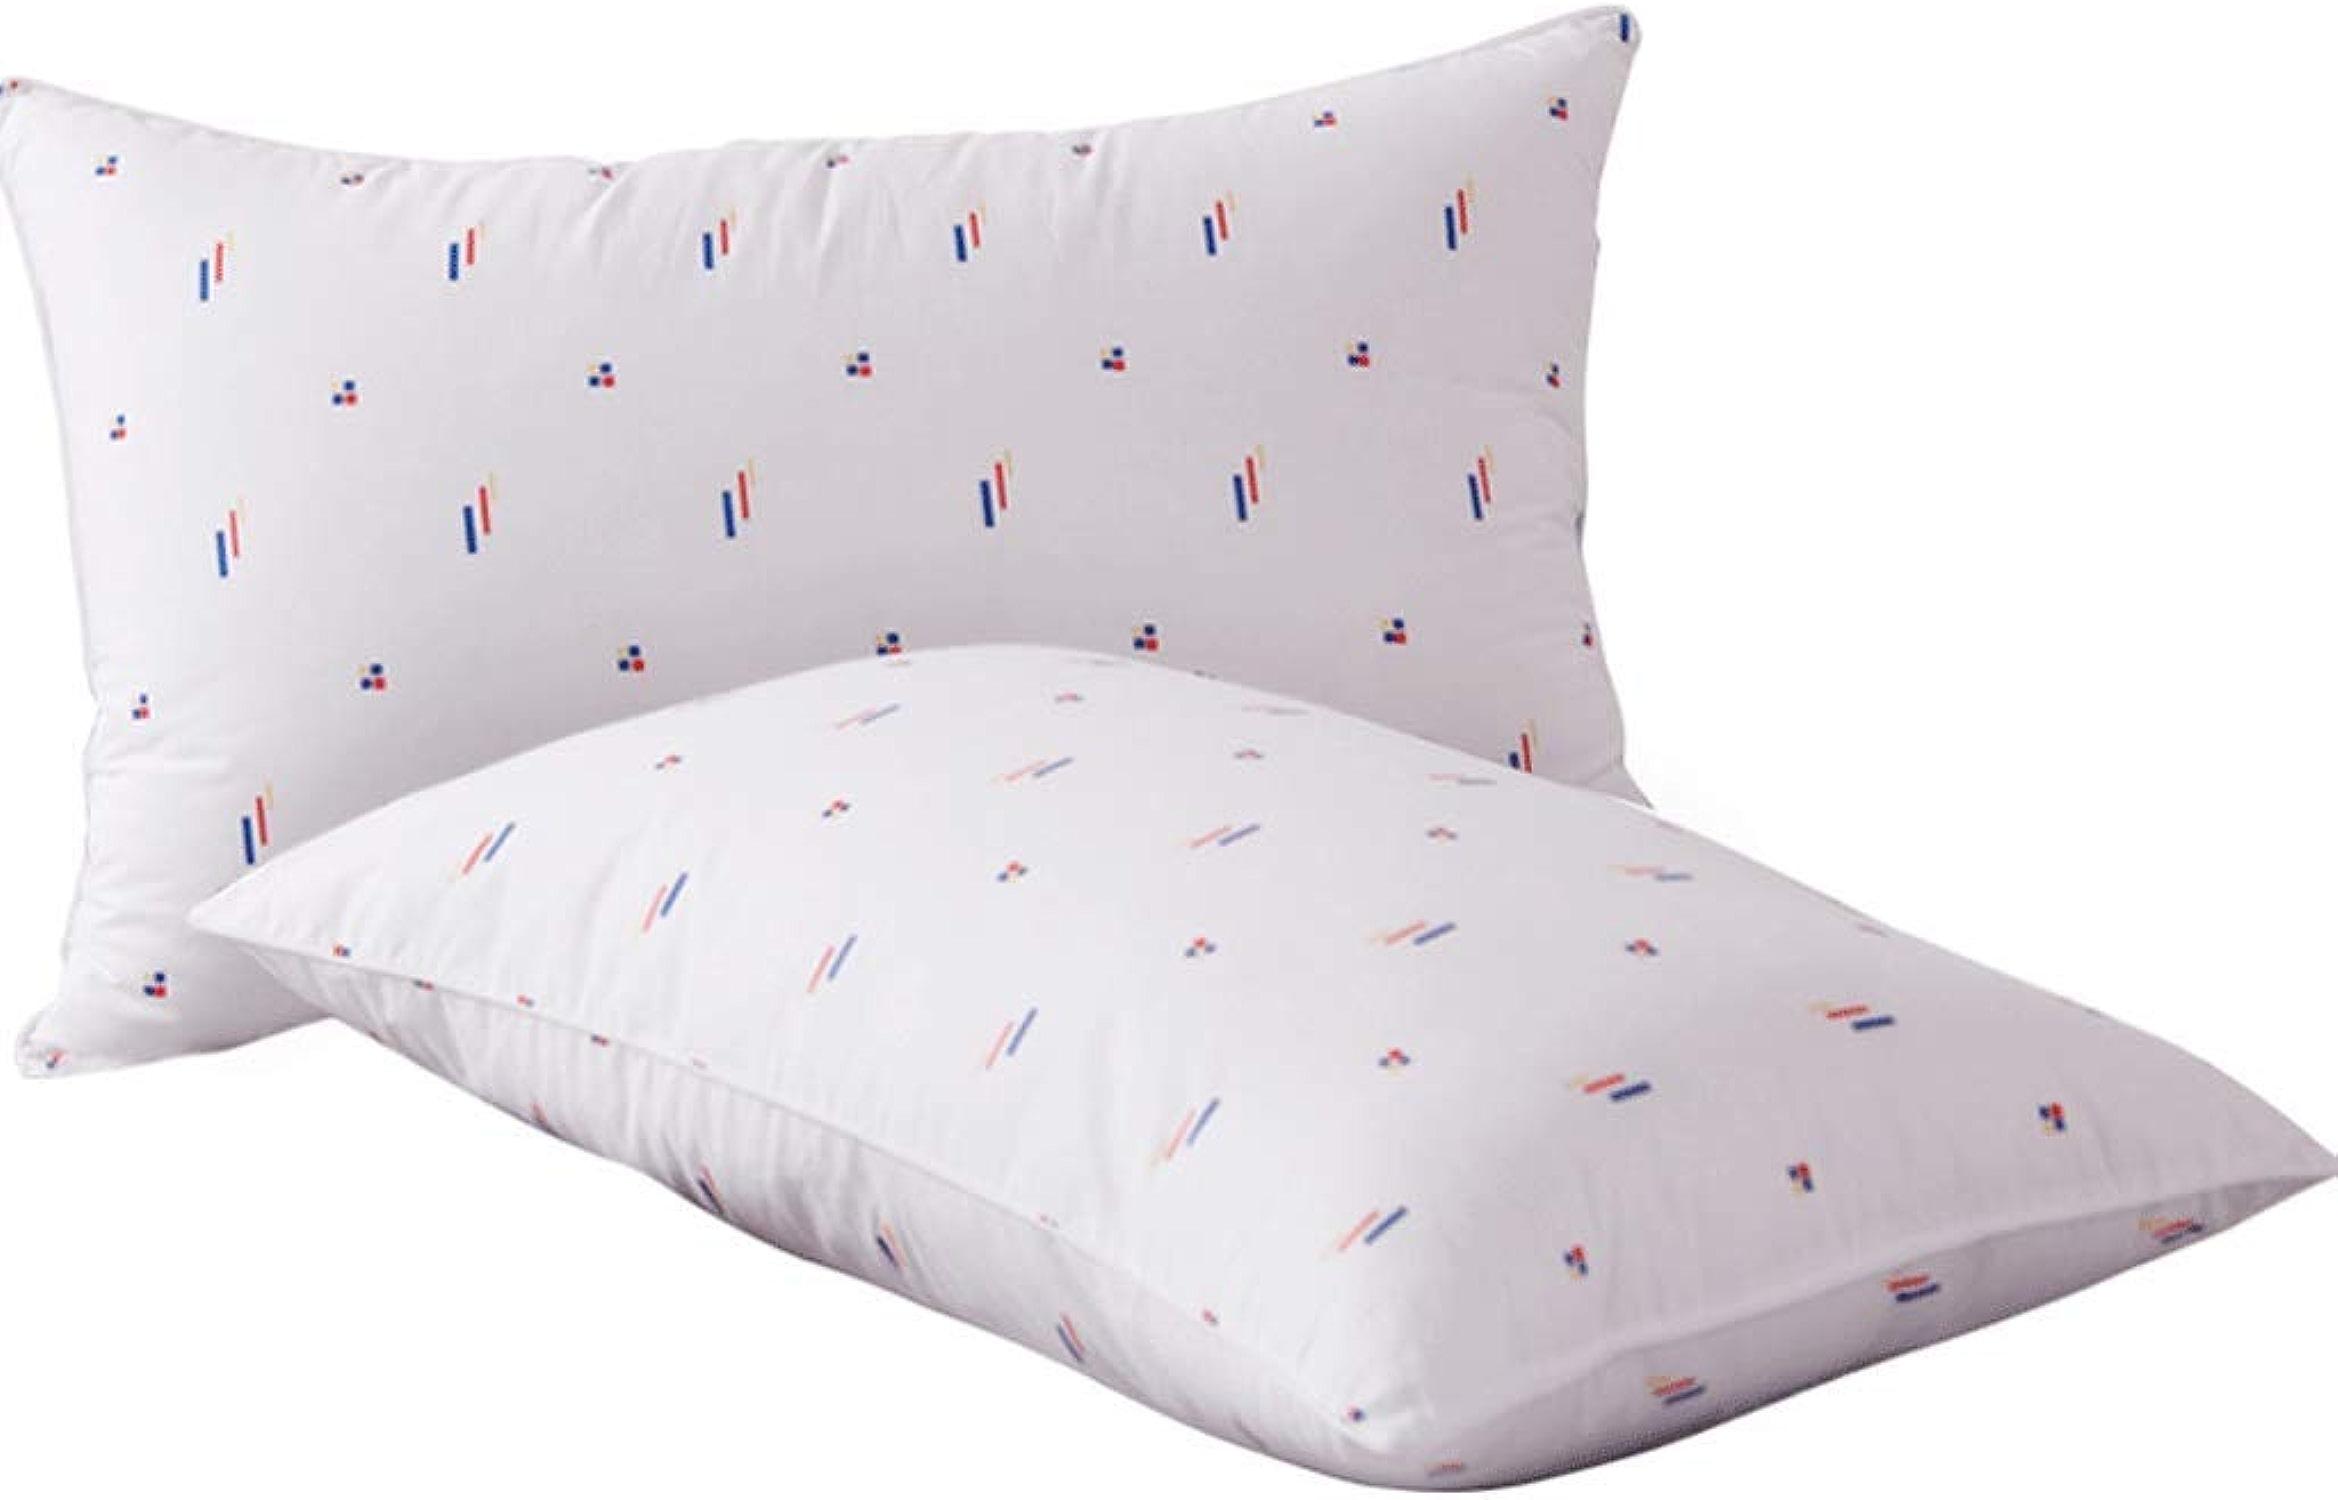 Oreiller en coton avec oreiller hypoallergénique et literie de ménage (une paire) 74x48cm (taille   High pilFaible)